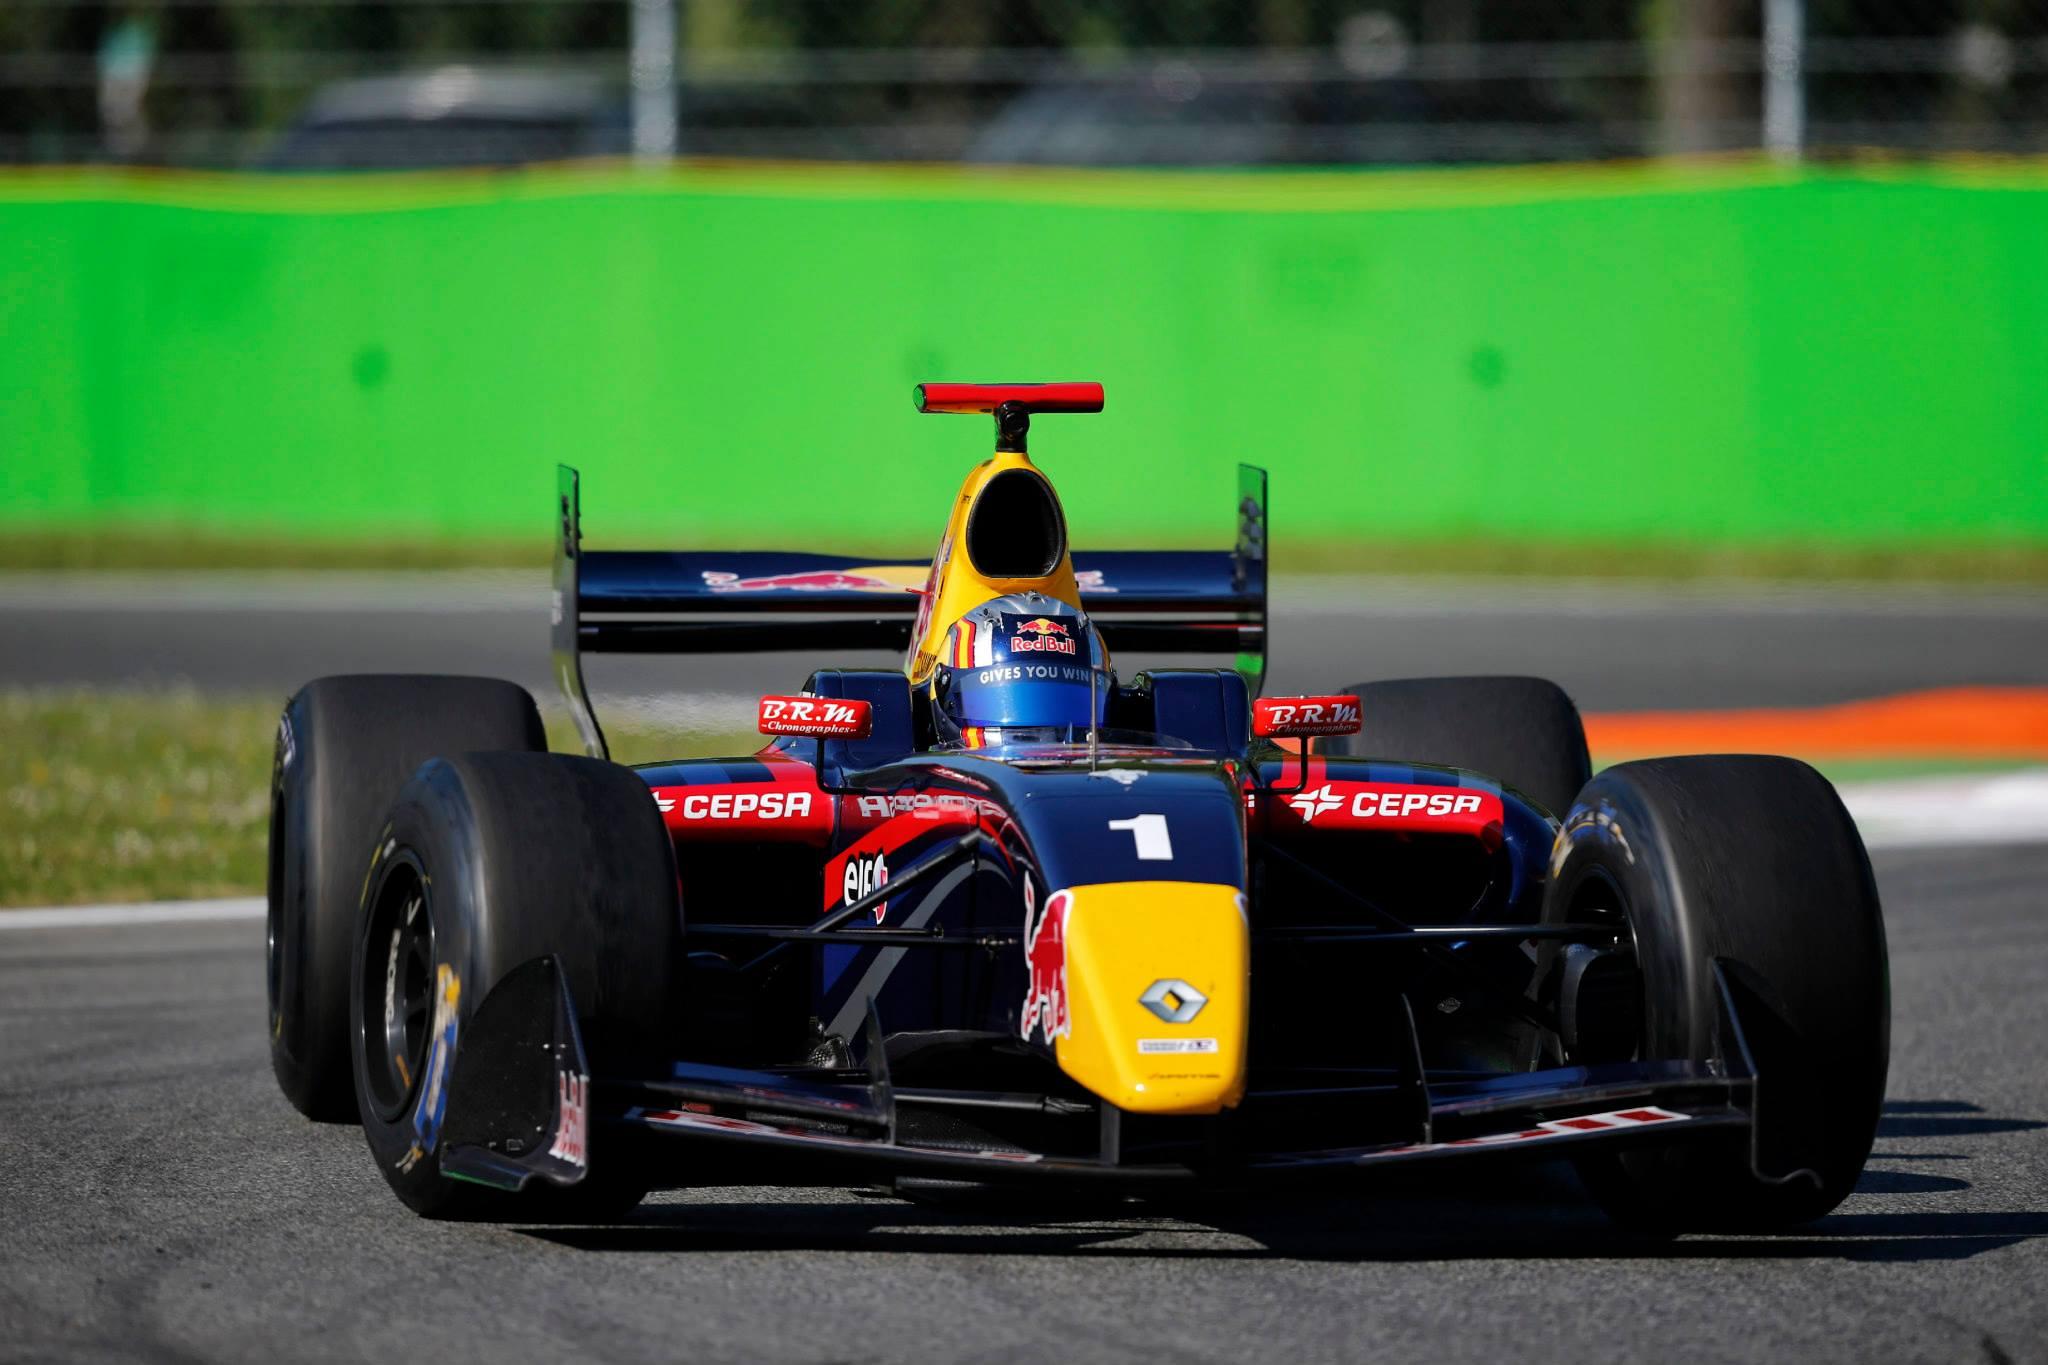 2014 Formula Renault 3.5 Series – Monza – Carlos Sainz